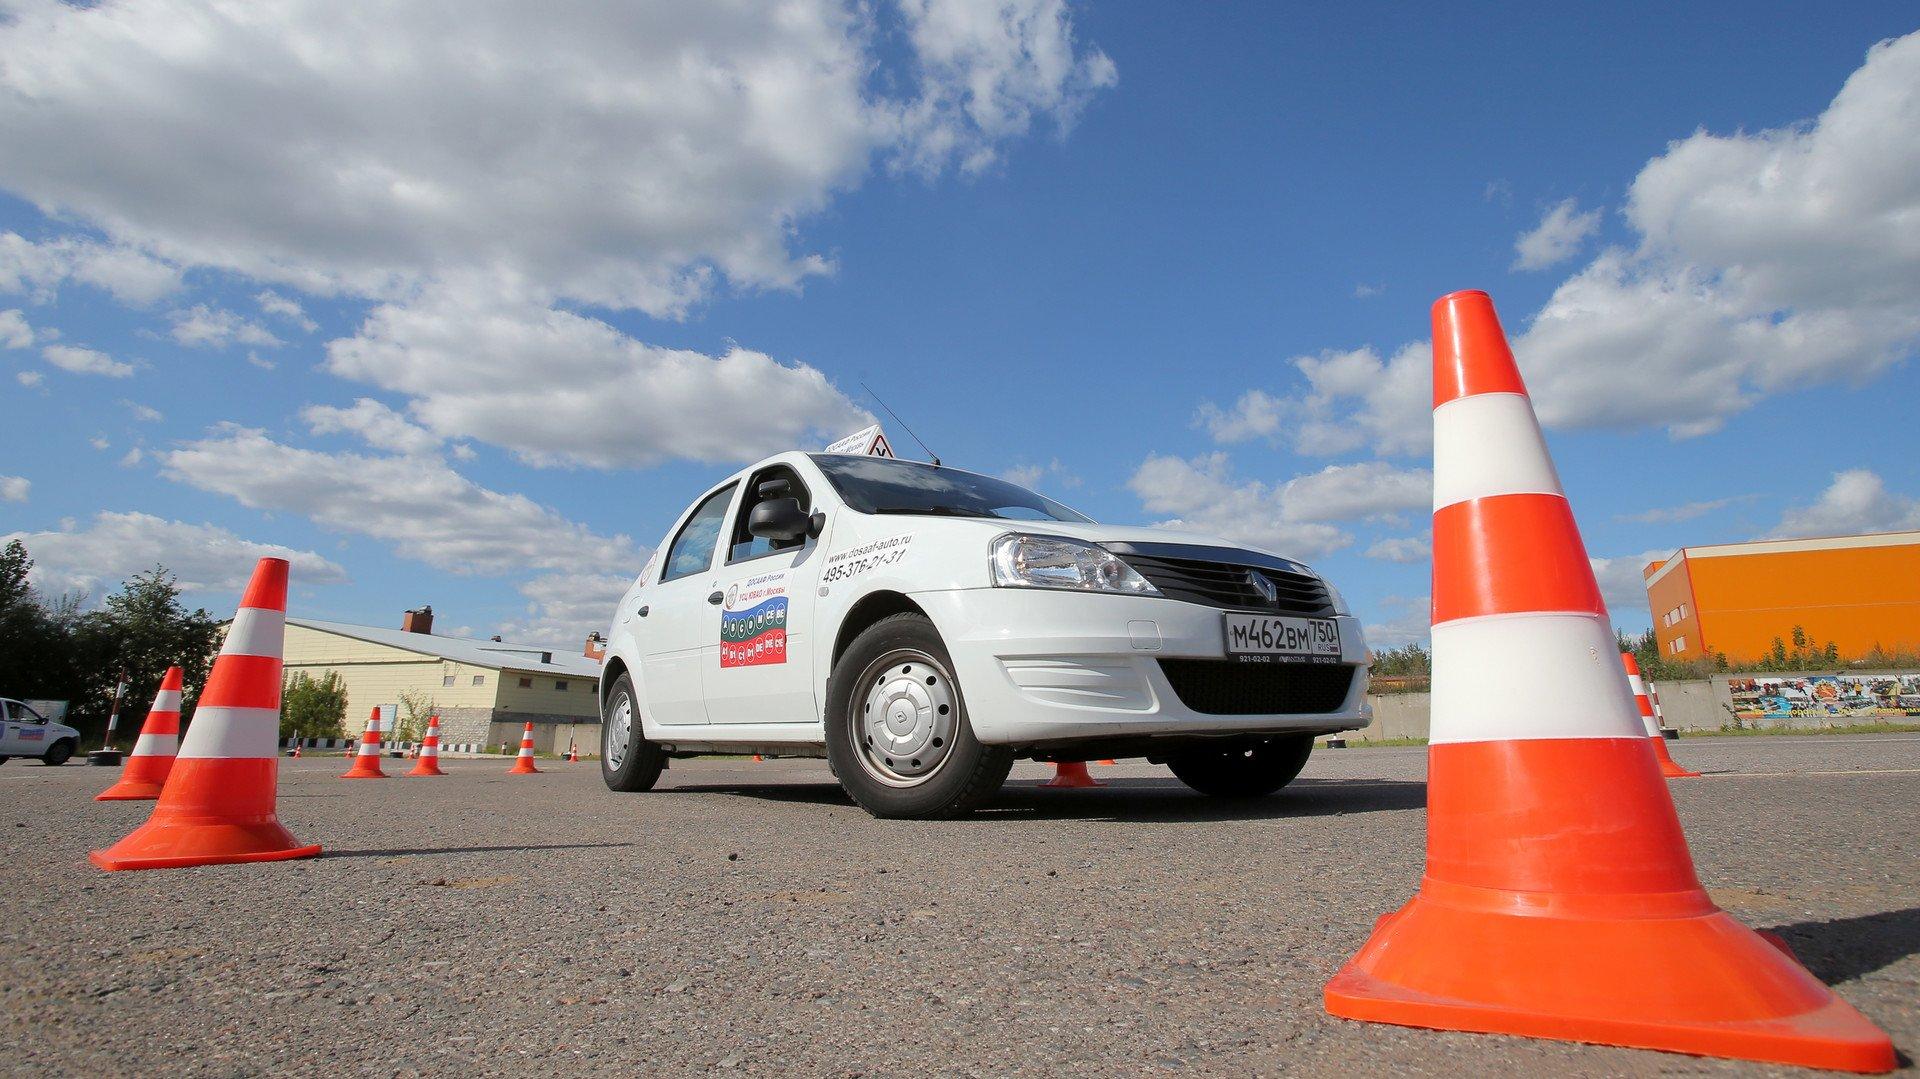 Руководитель ГИБДД высказался против переэкзаменовки автомобилистов